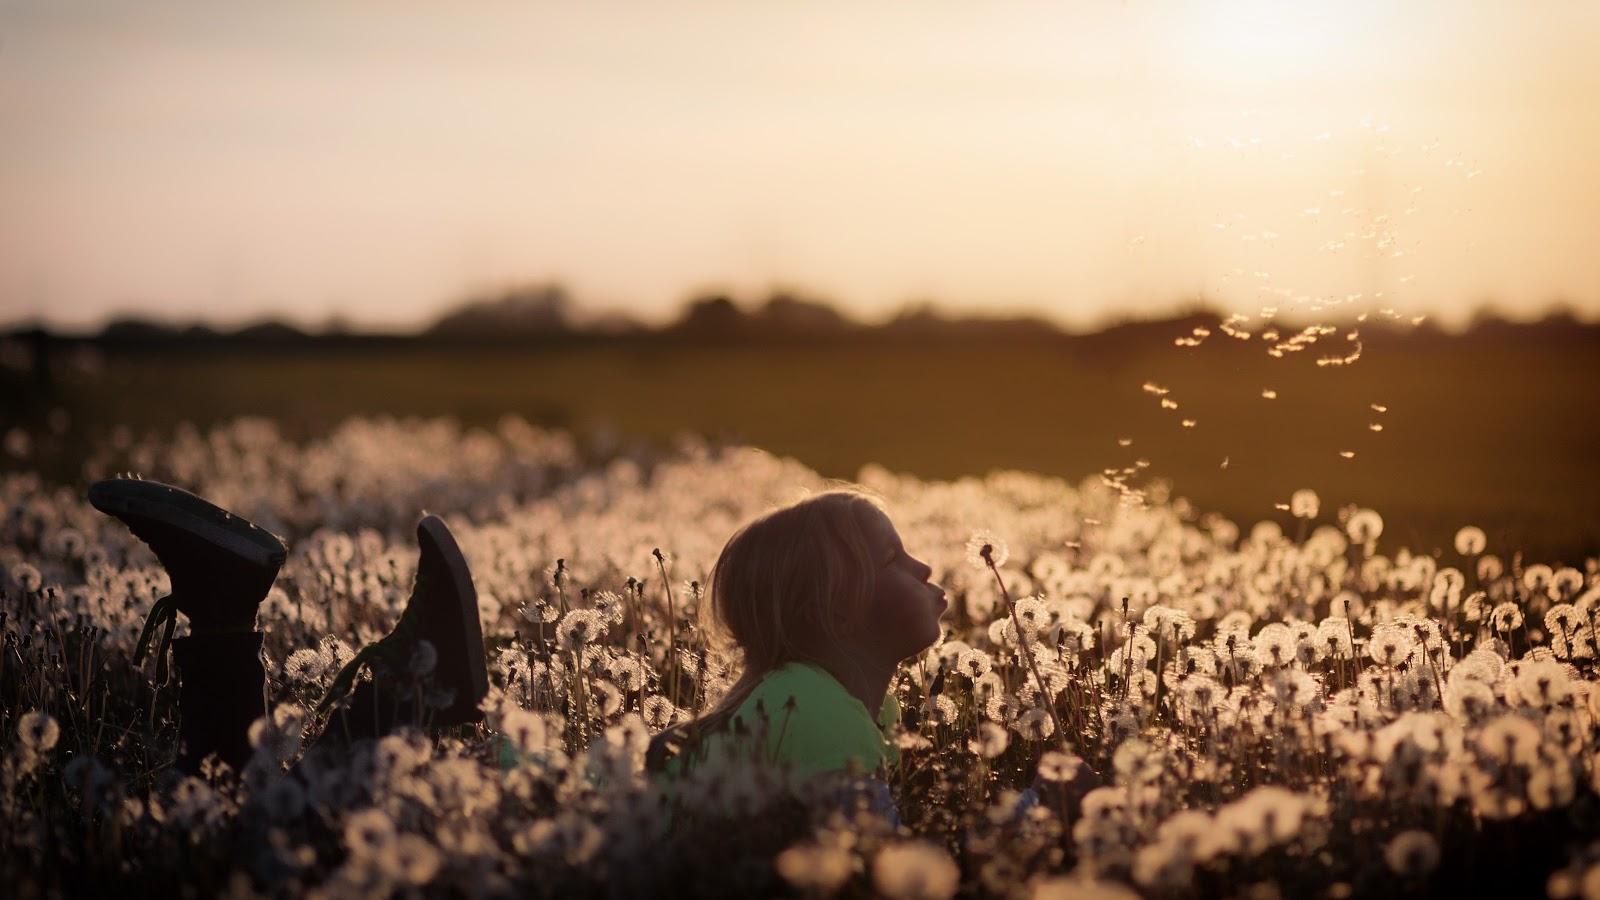 野原に寝そべって蒲公英の綿毛を吹いている子供